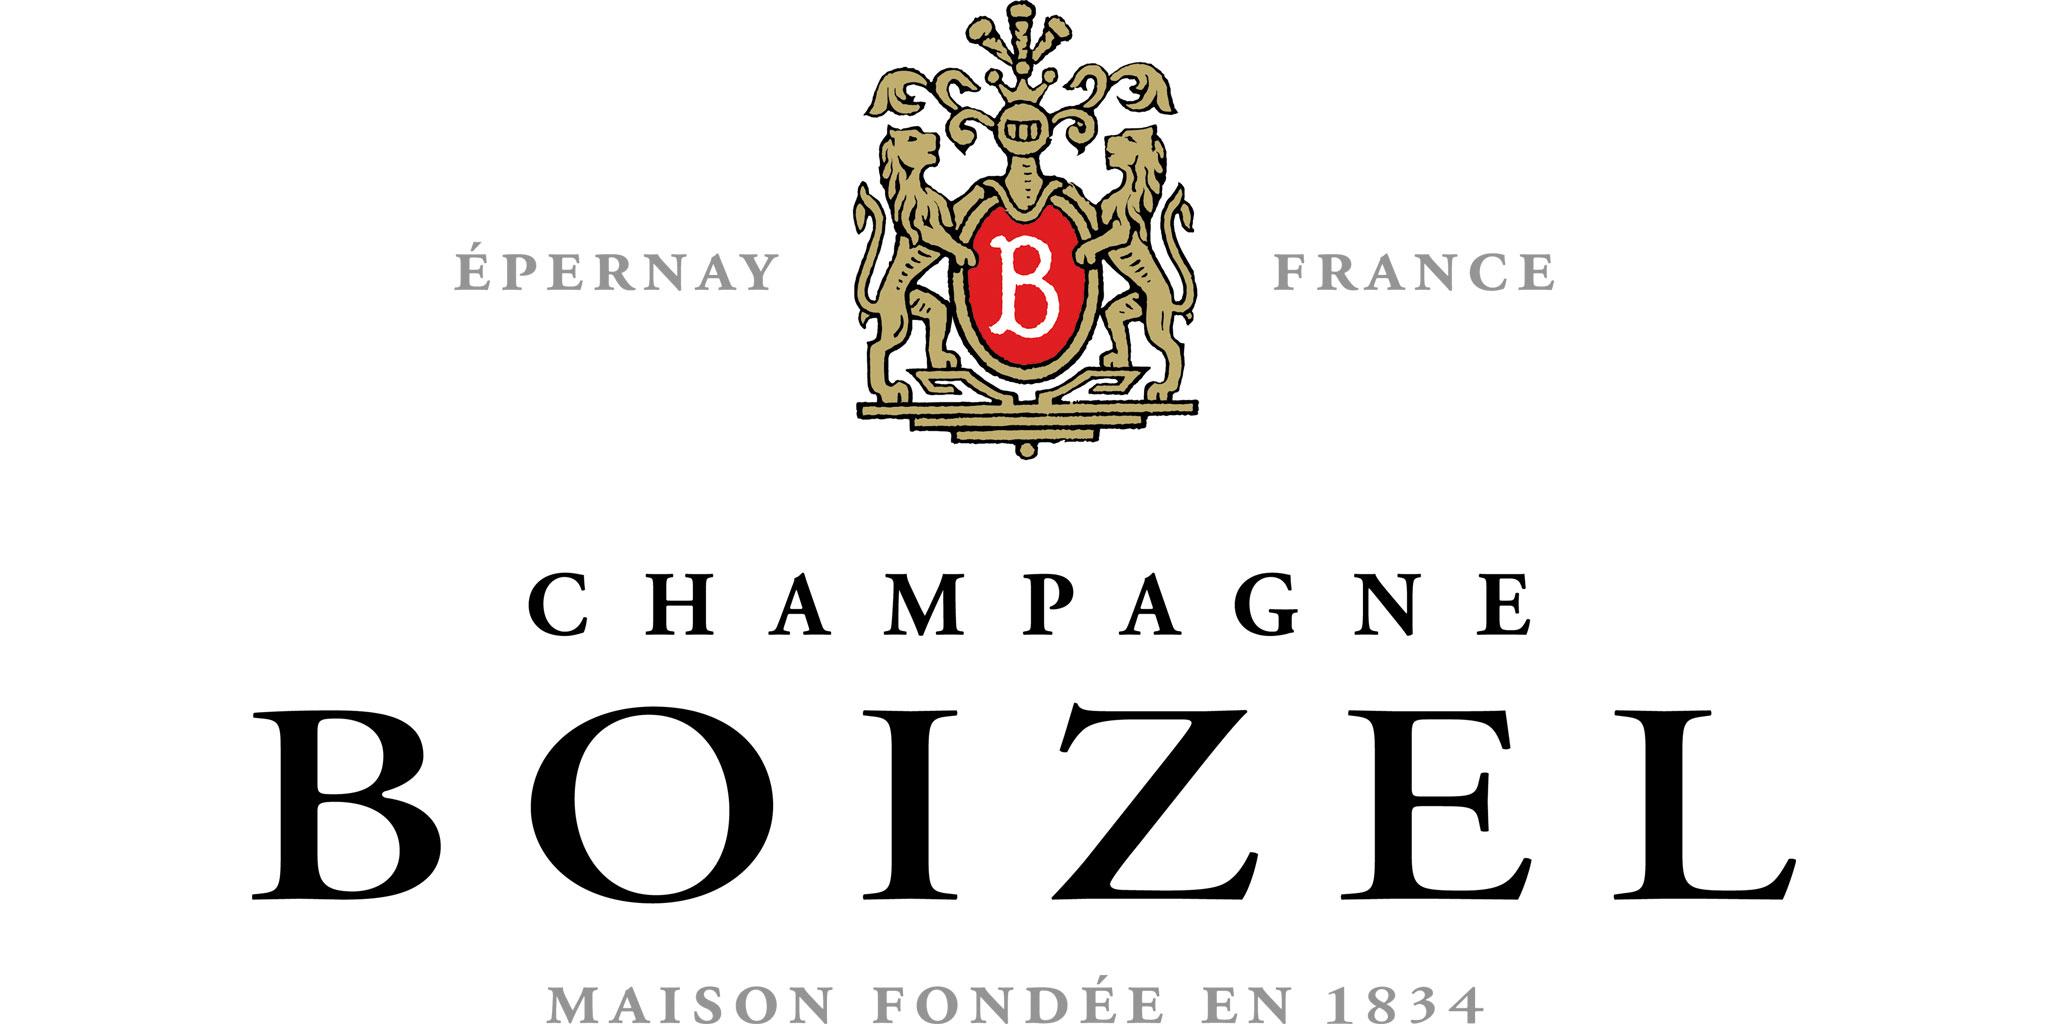 Boizel champagne logo